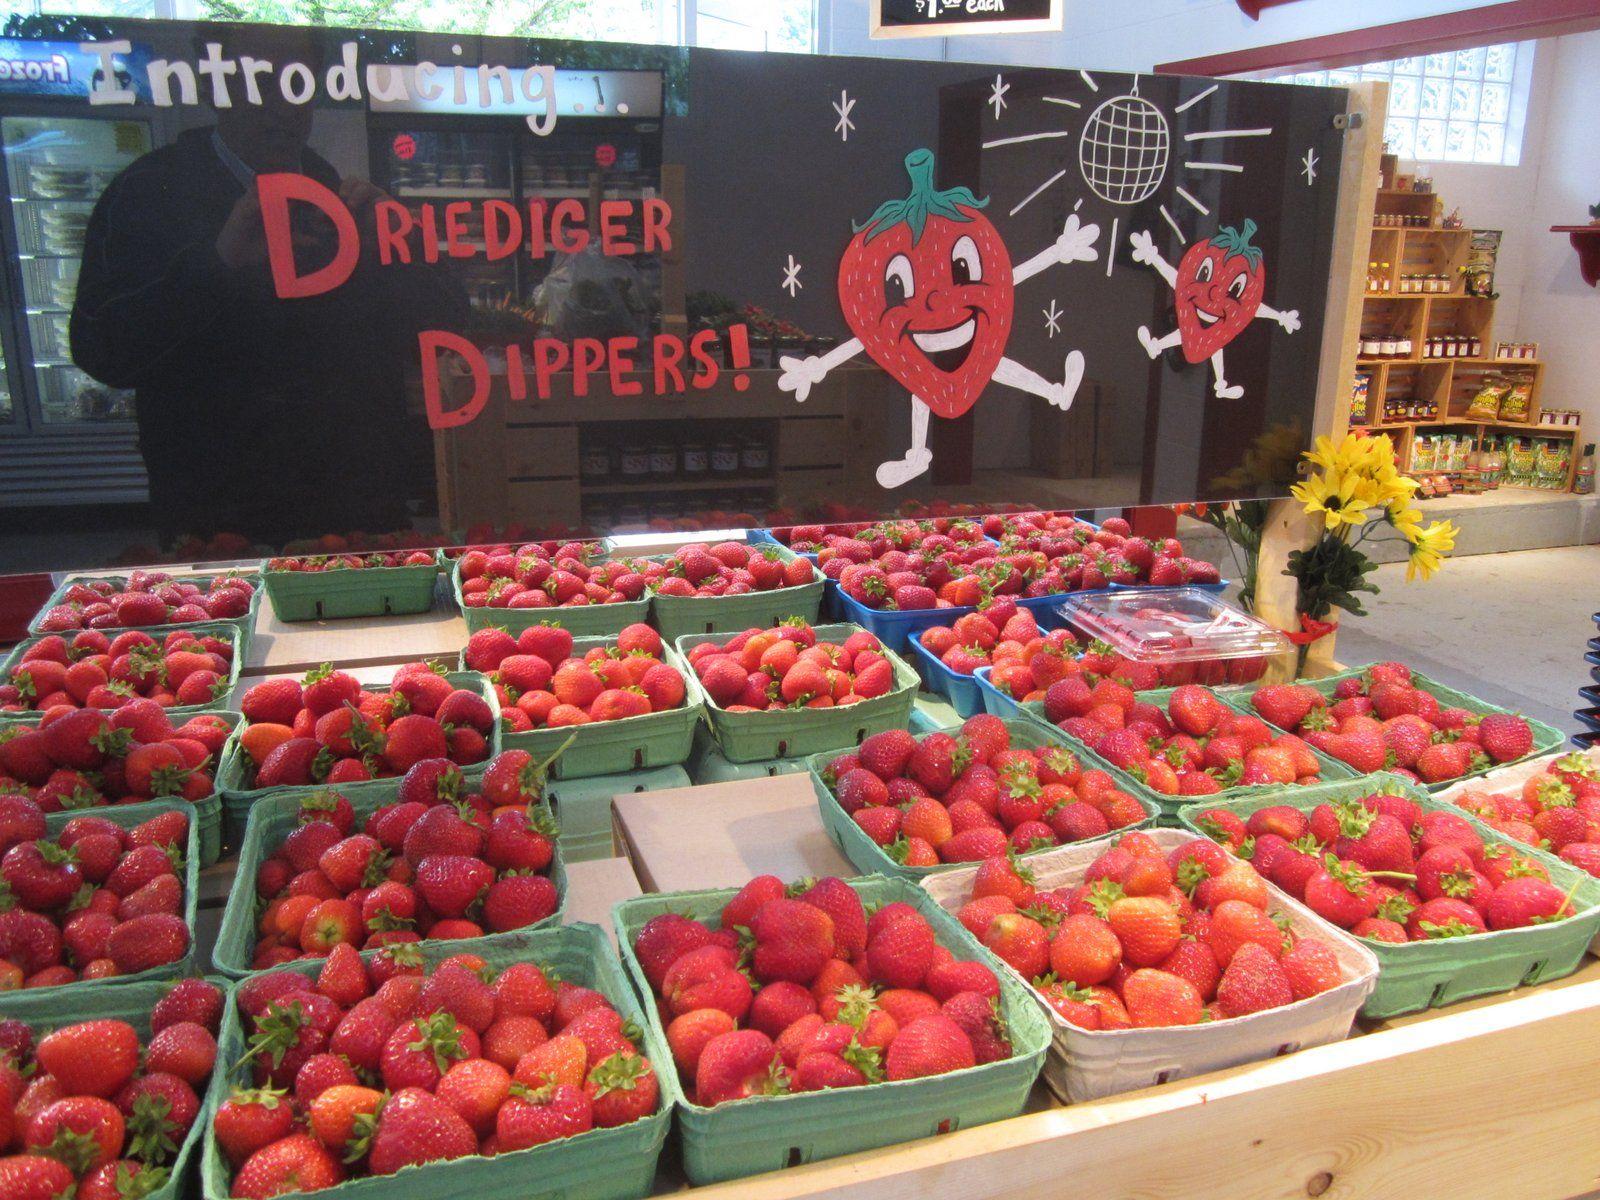 Driediger Farms Vancouver Foodster Farm Tour Farm Tours